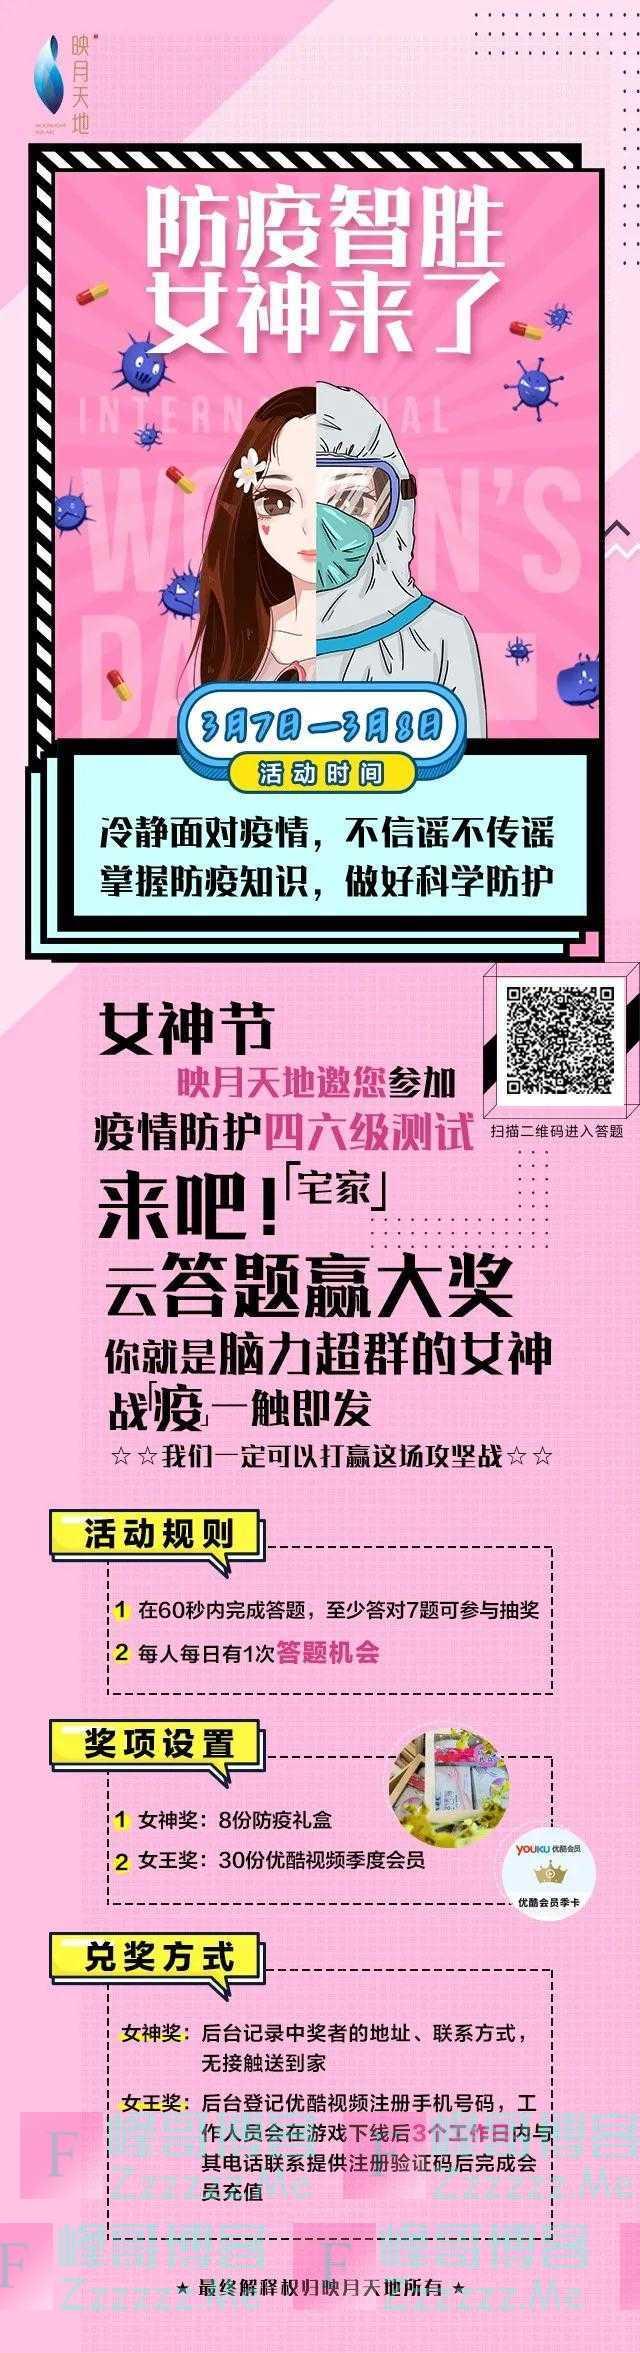 锡东新城参与云答题打赢攻坚战(截止3月8日)